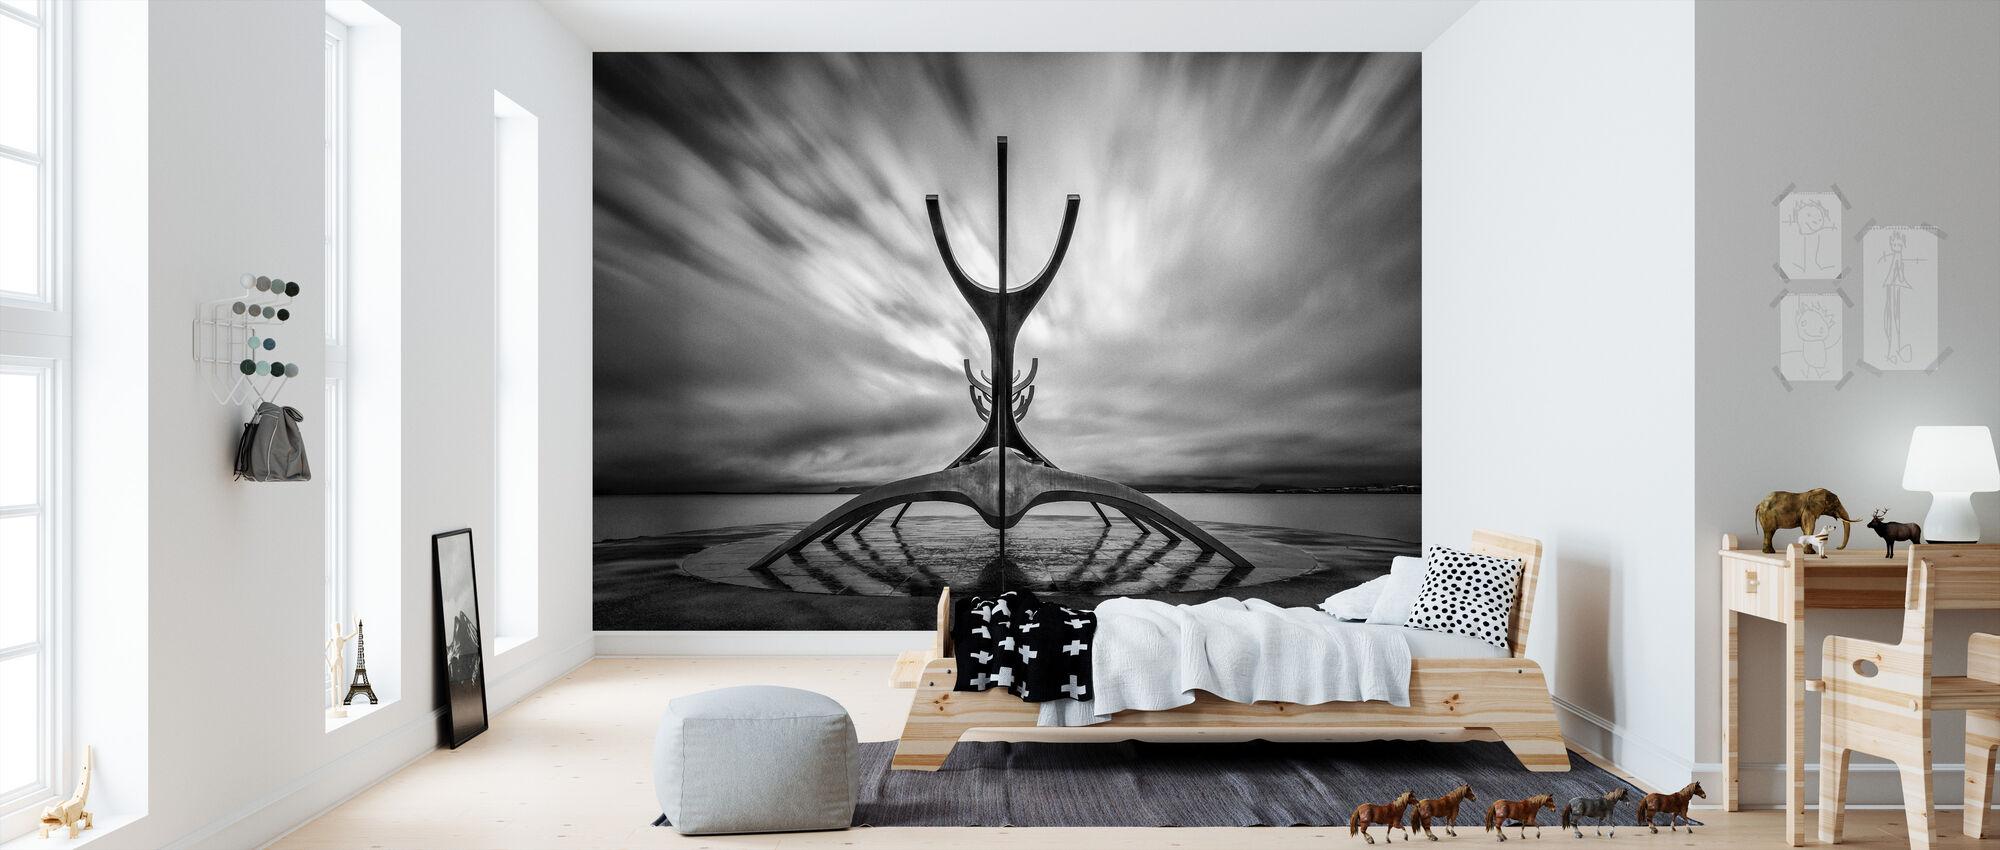 salifar mit fototapeten einrichten photowall. Black Bedroom Furniture Sets. Home Design Ideas